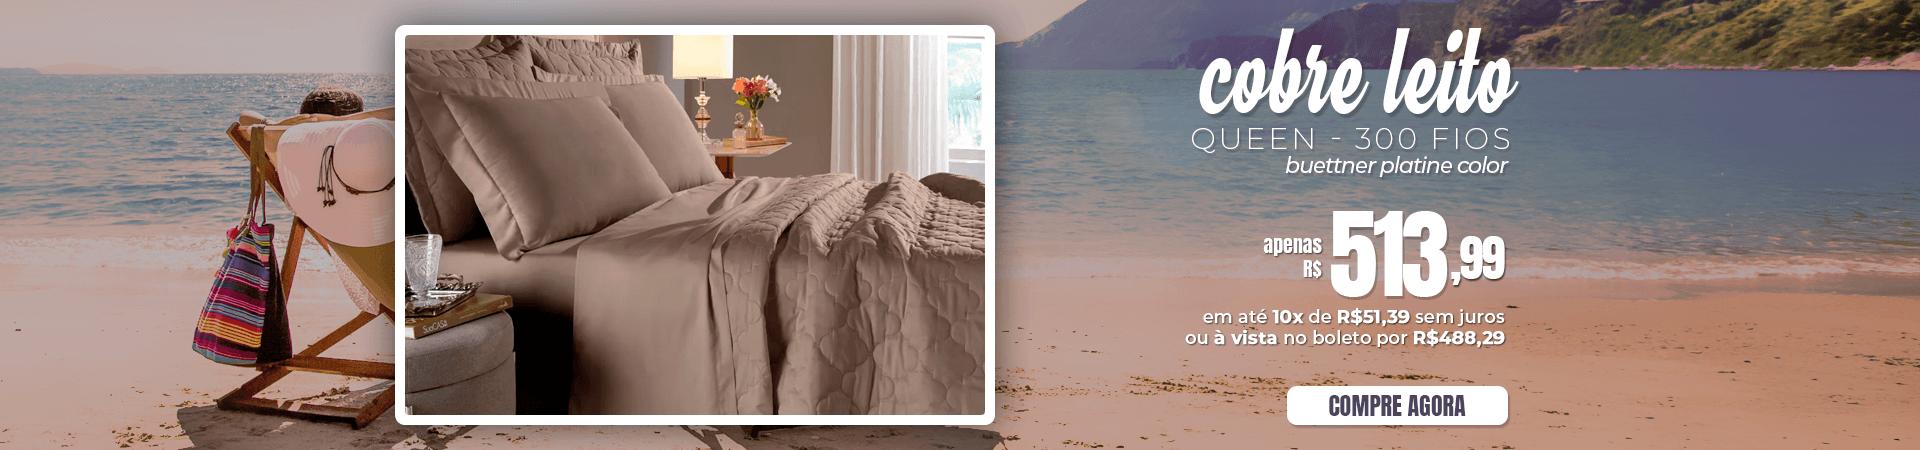 Kit Cobreleito Queen Size 300 fios Buettner Platine Color | Verão 2019 | Loja Buettner | Aproveite!